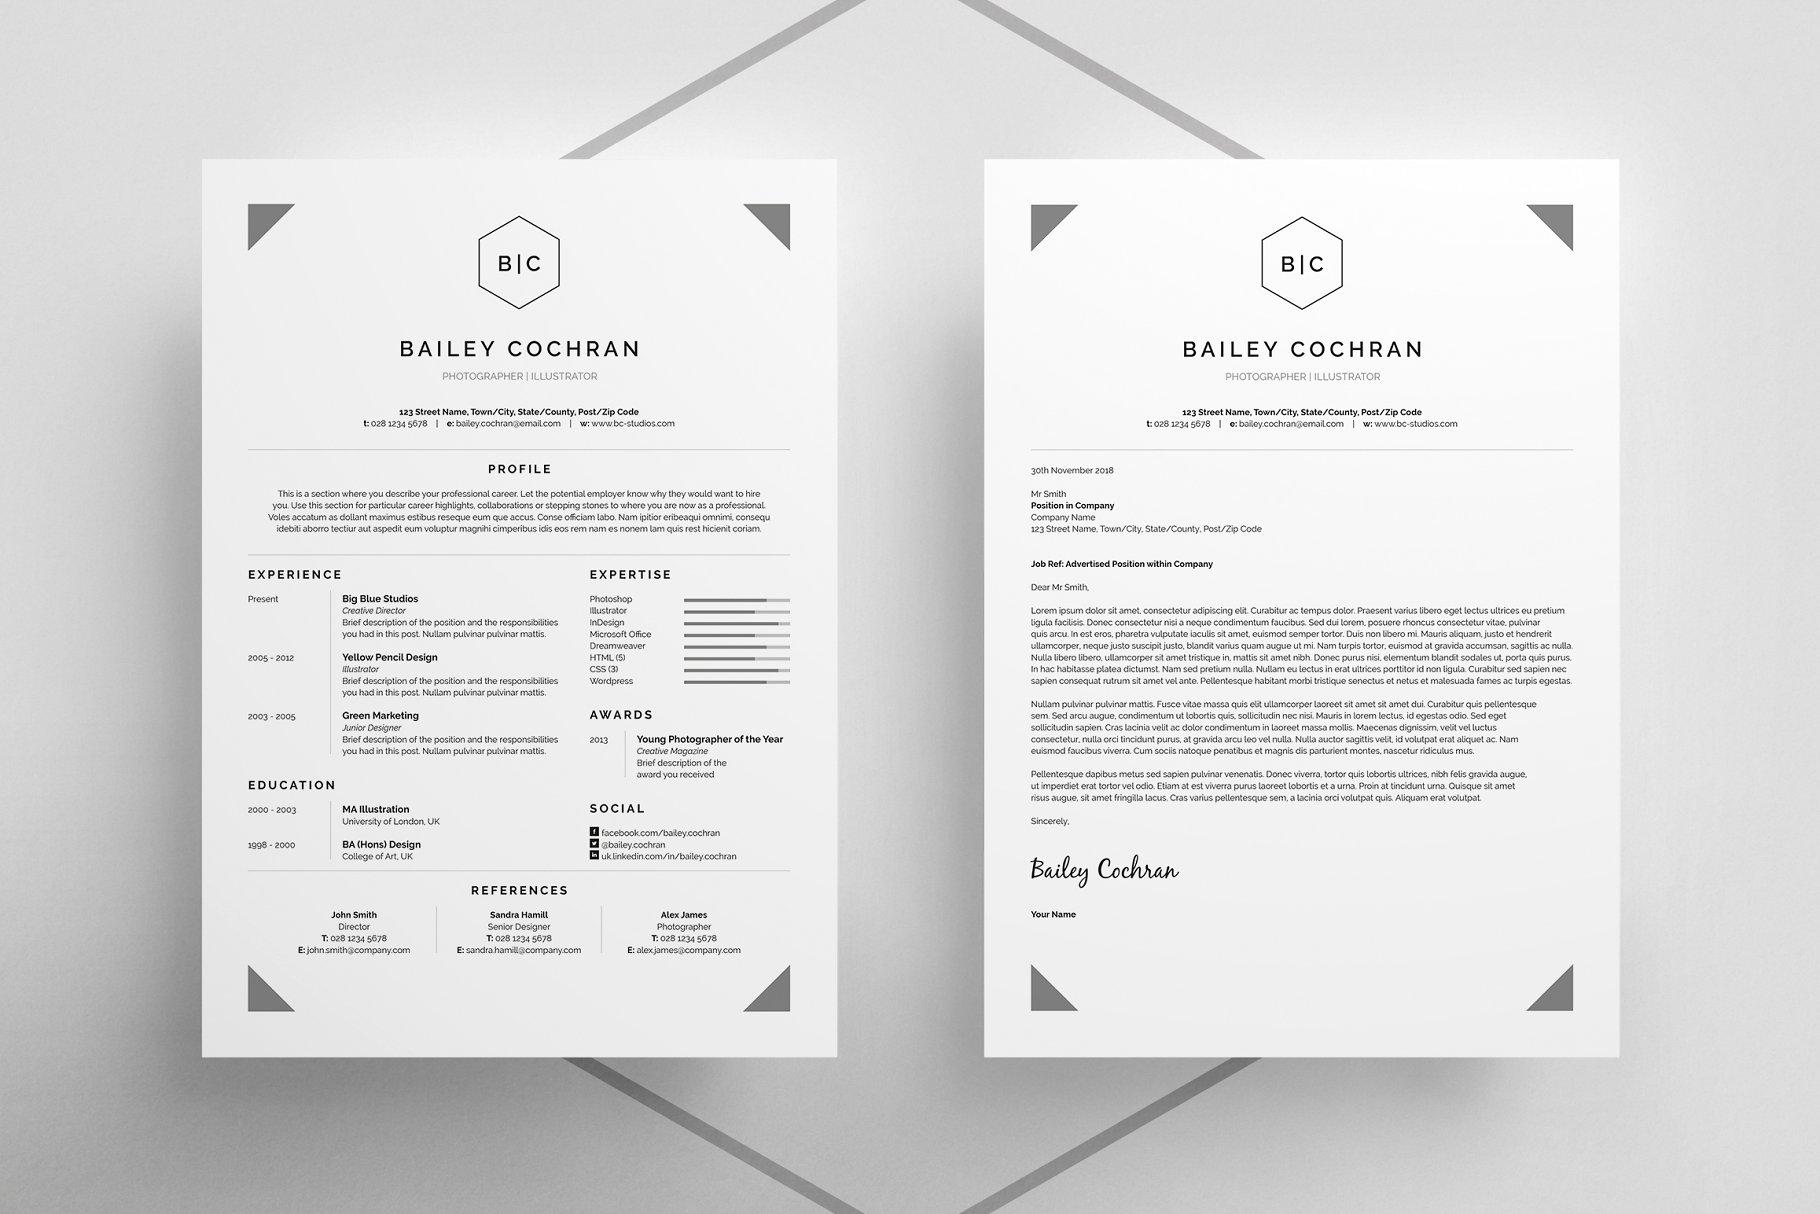 职场商业简历模板展示ResumeCV-Bailey